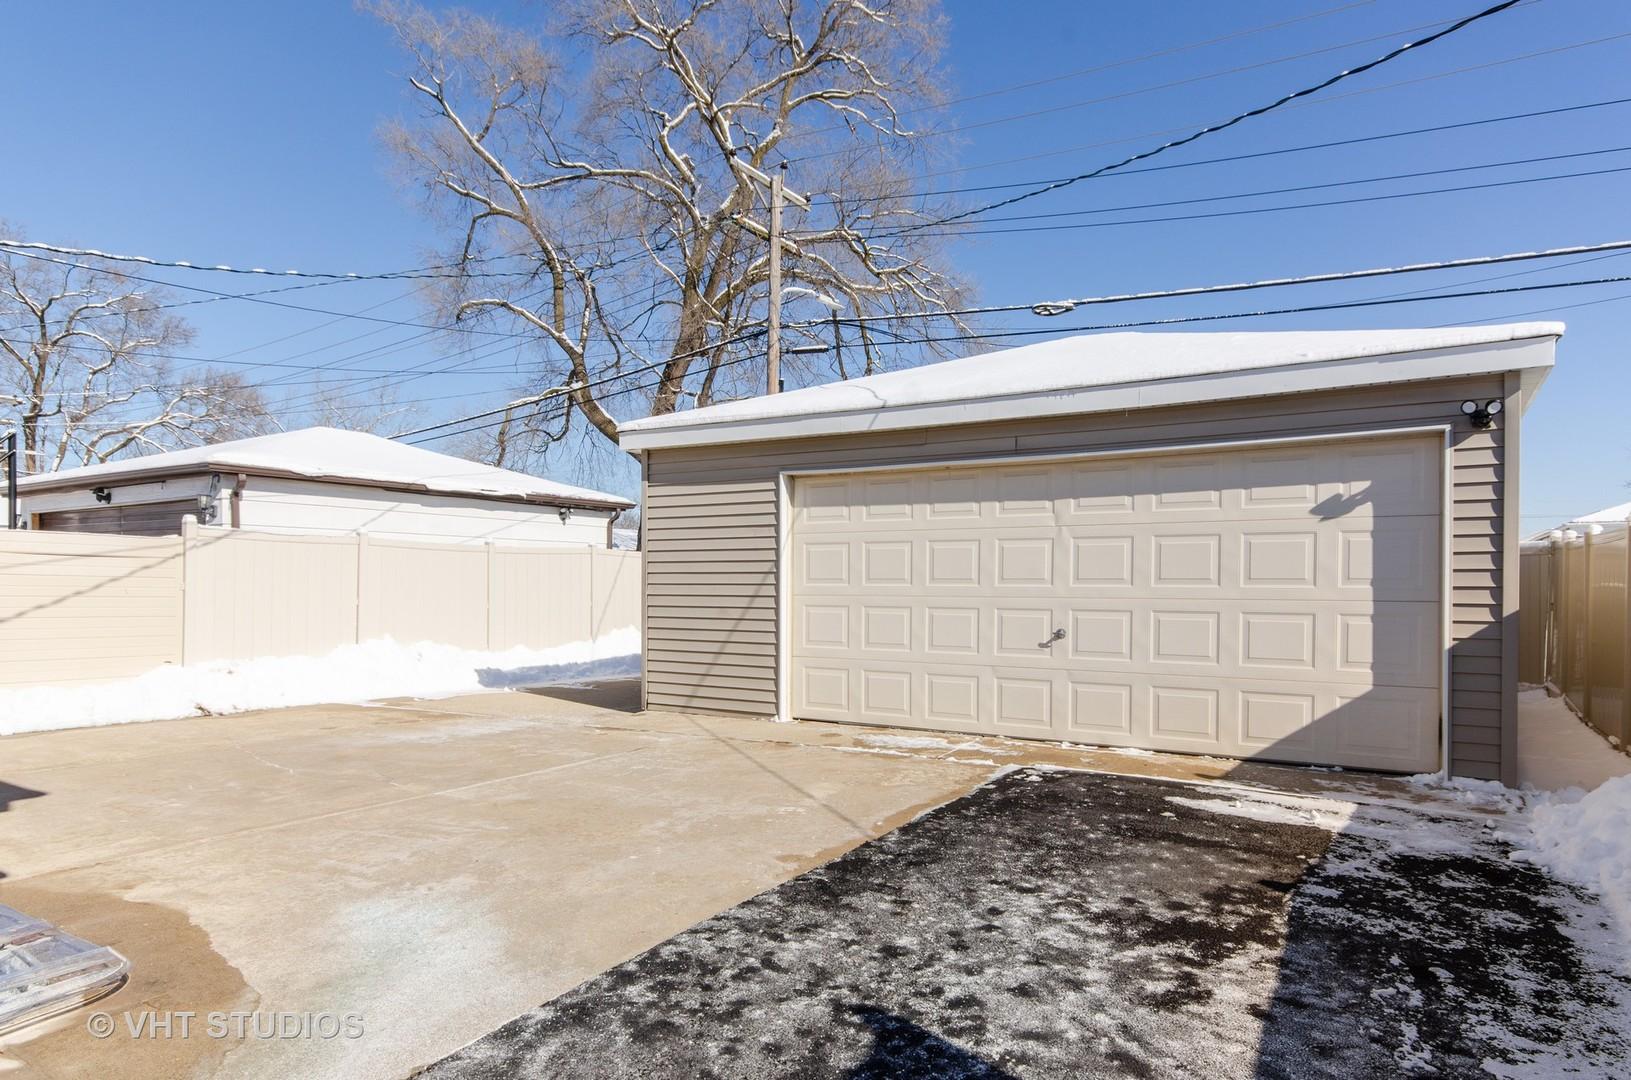 12721 South Elizabeth, Calumet Park, Illinois, 60827